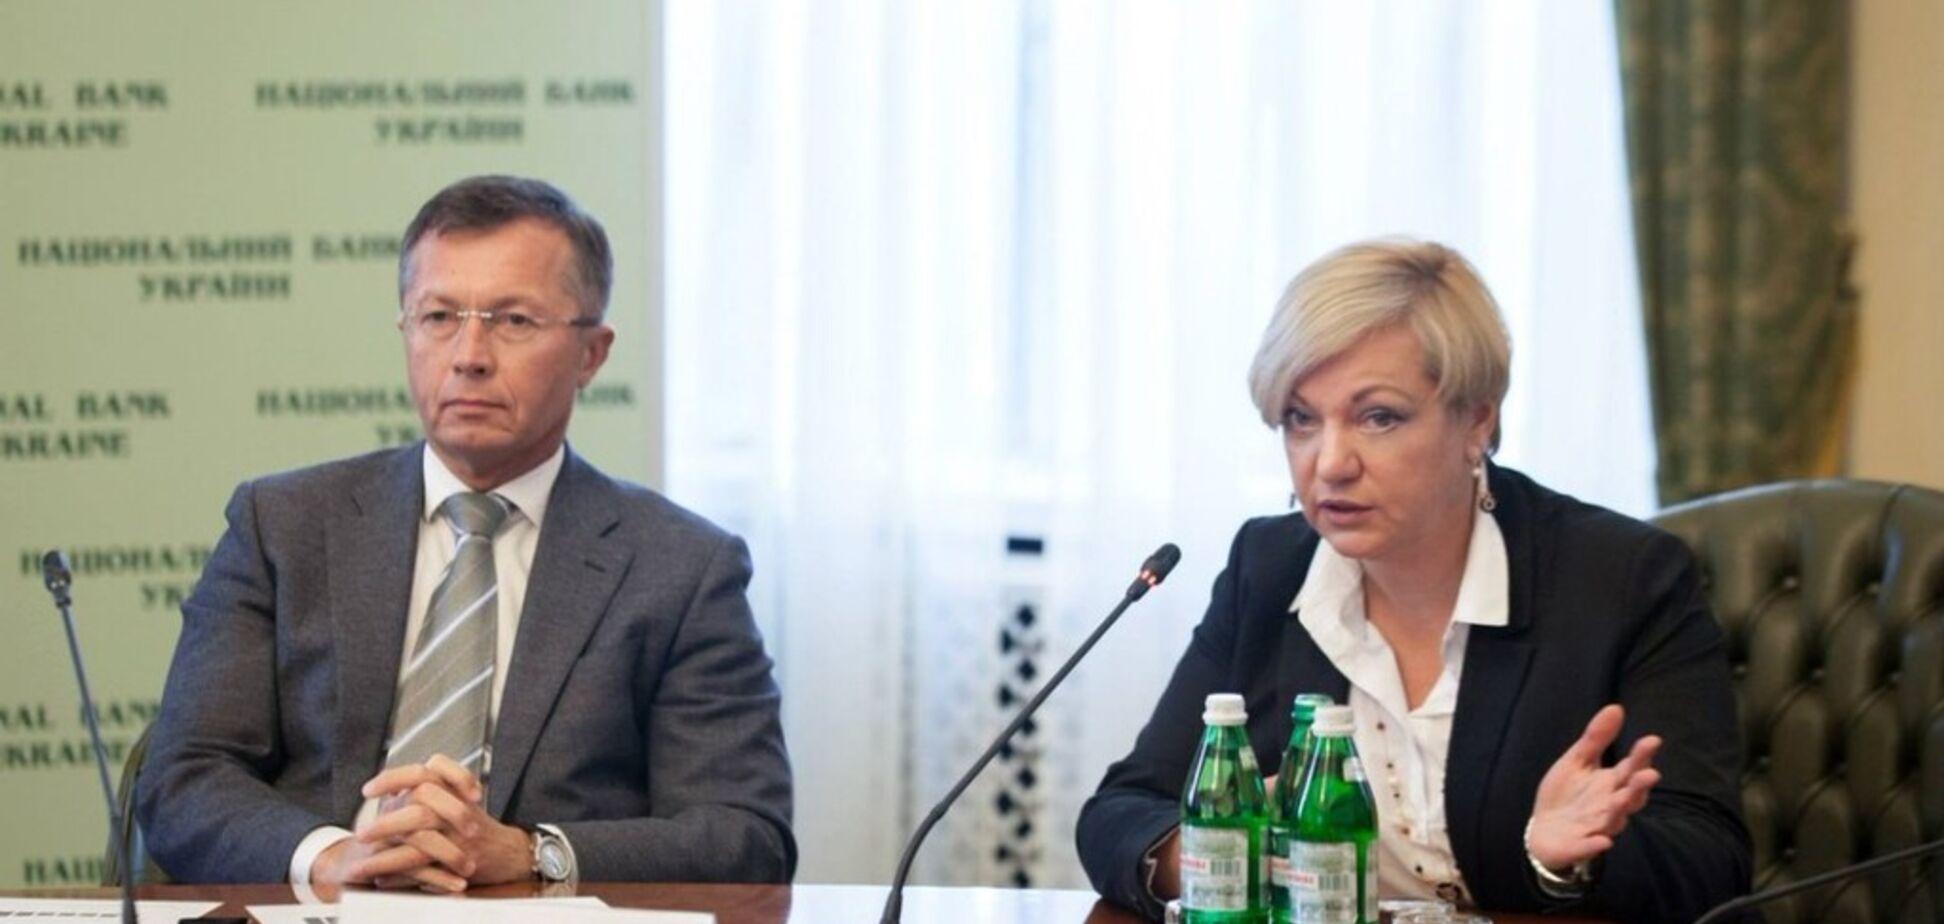 'Просто театра абсурда': Гонтарева сделала заявление по громкому банковскому скандалу